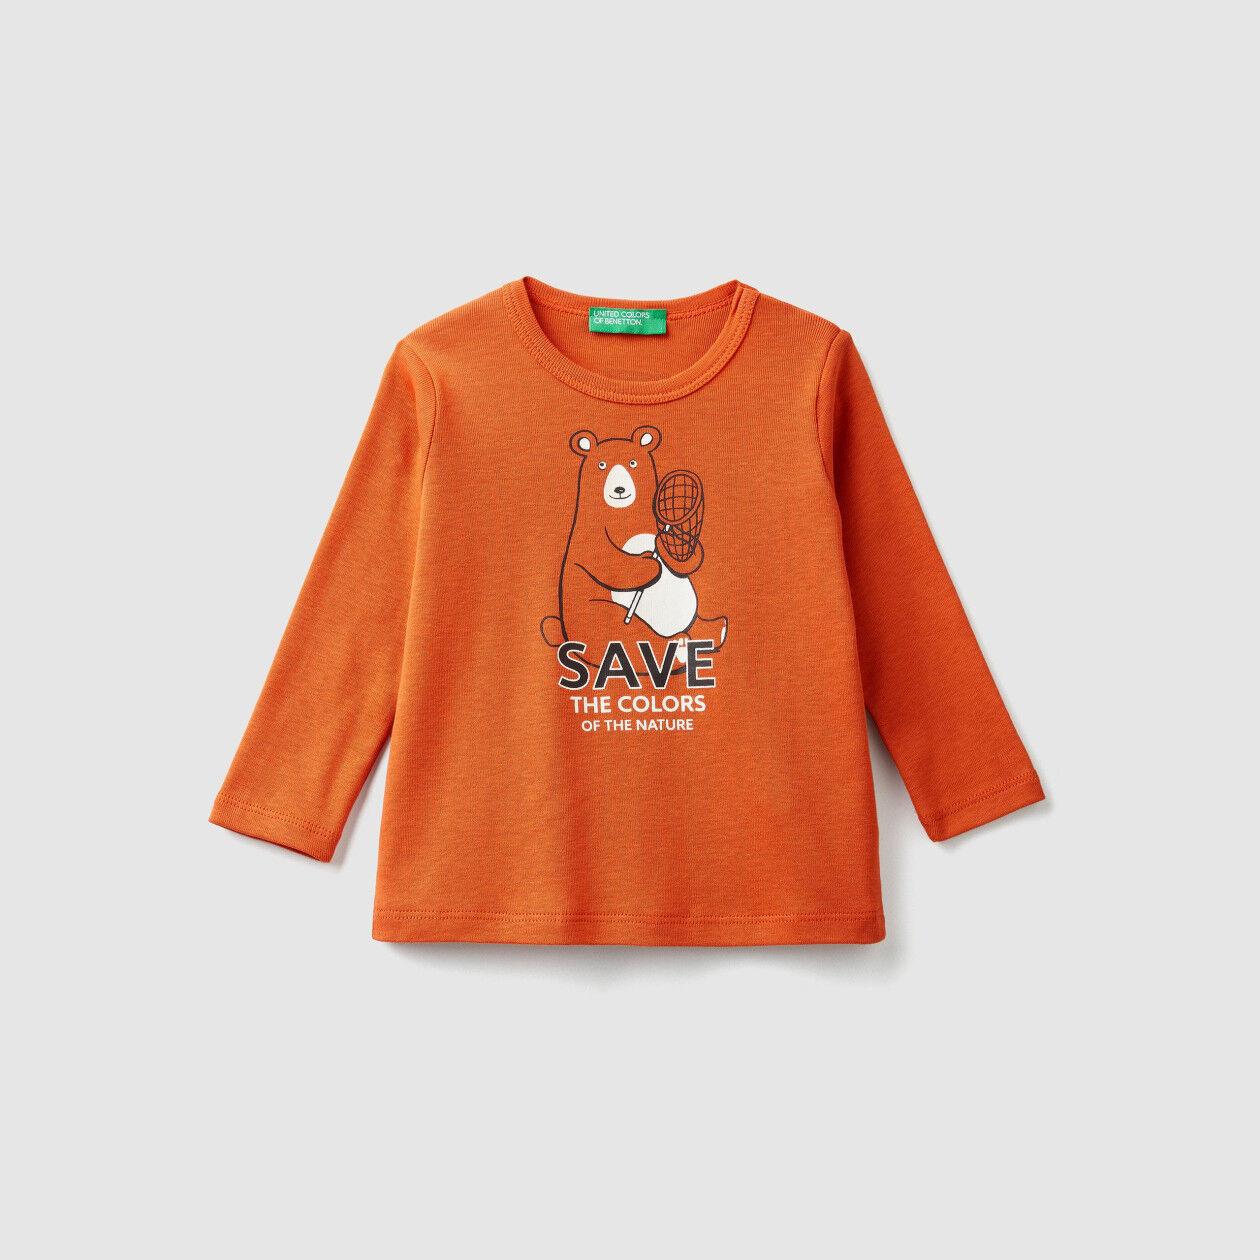 T-shirt canelada com estampa